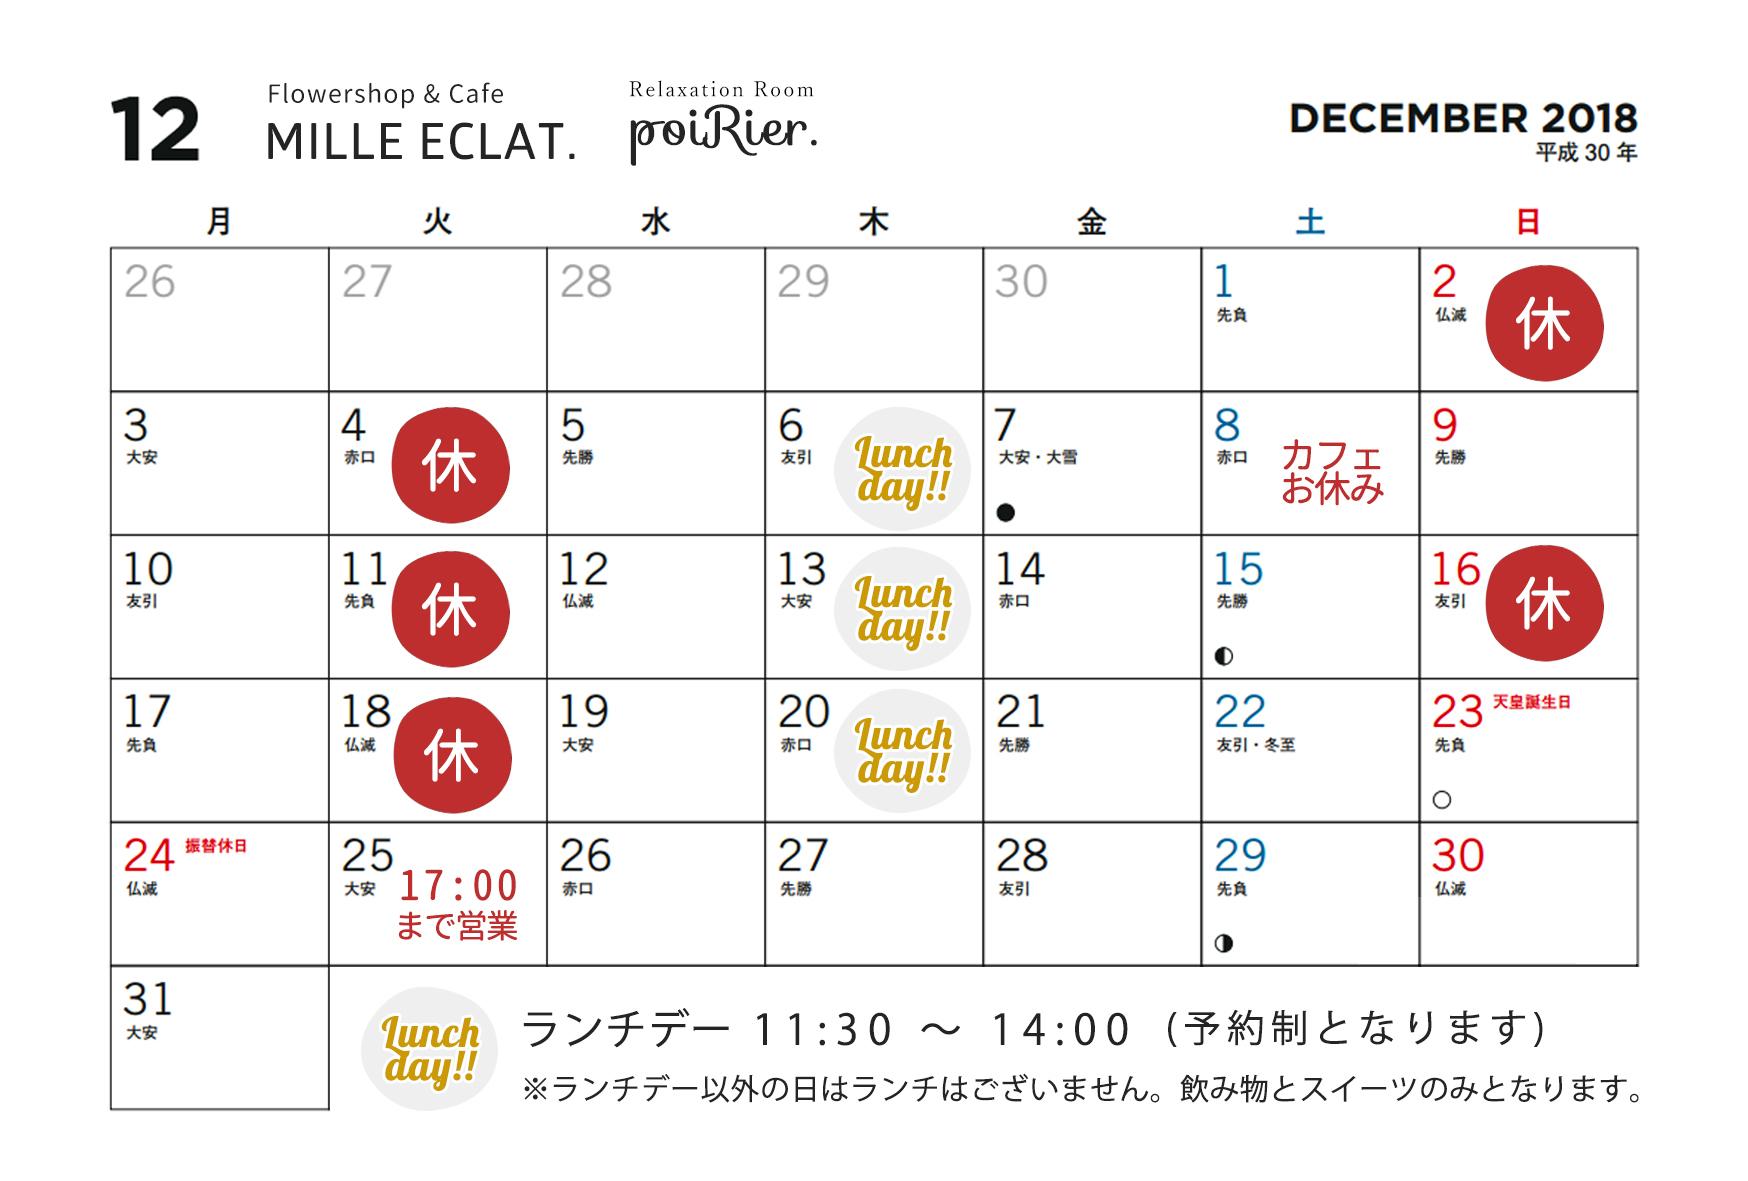 ミルエクラ.営業カレンダー2018年12月